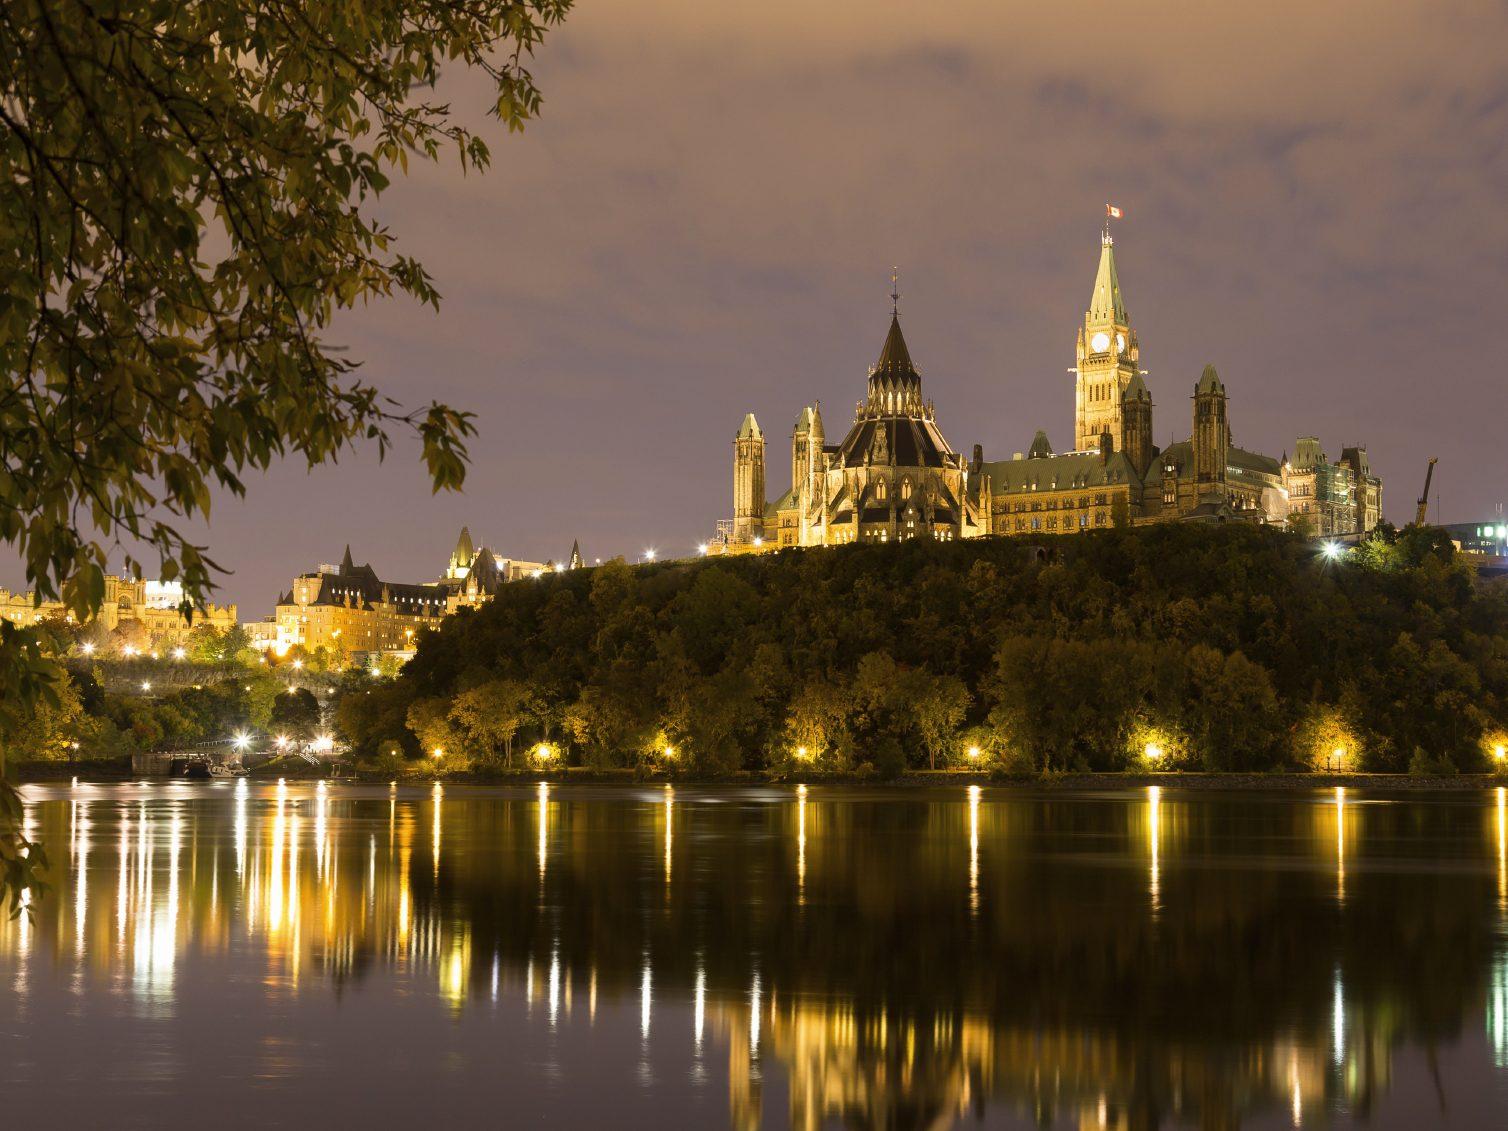 6. Ottawa, Ontario